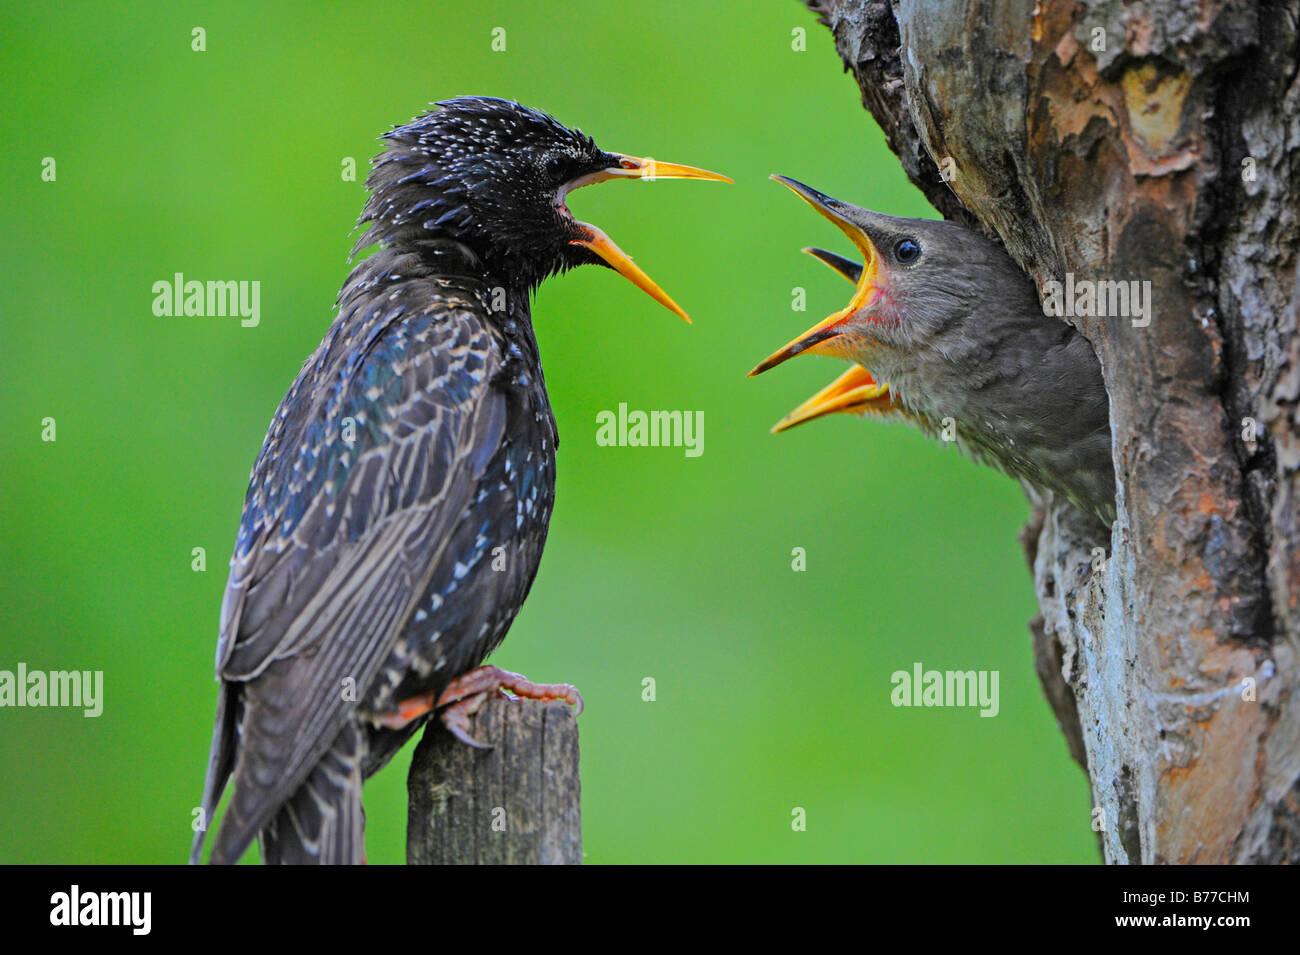 Young European Starlings (Sturnus vulgaris) and parent - Stock Image